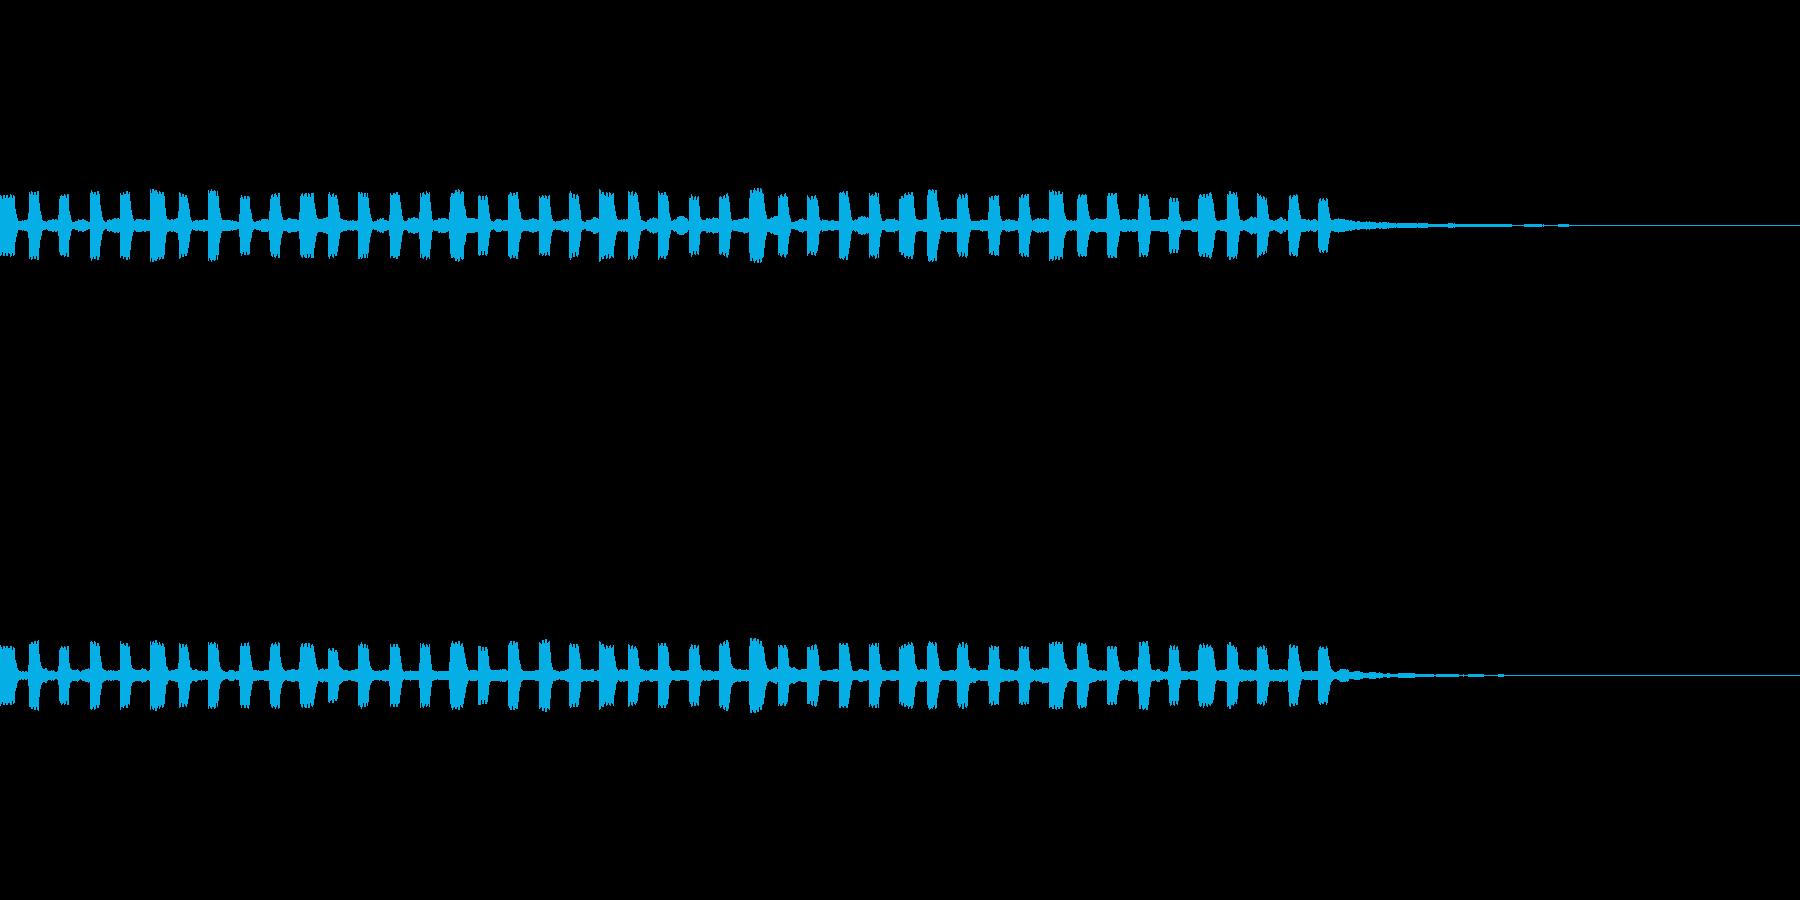 グラフ 折れ線グラフ の再生済みの波形